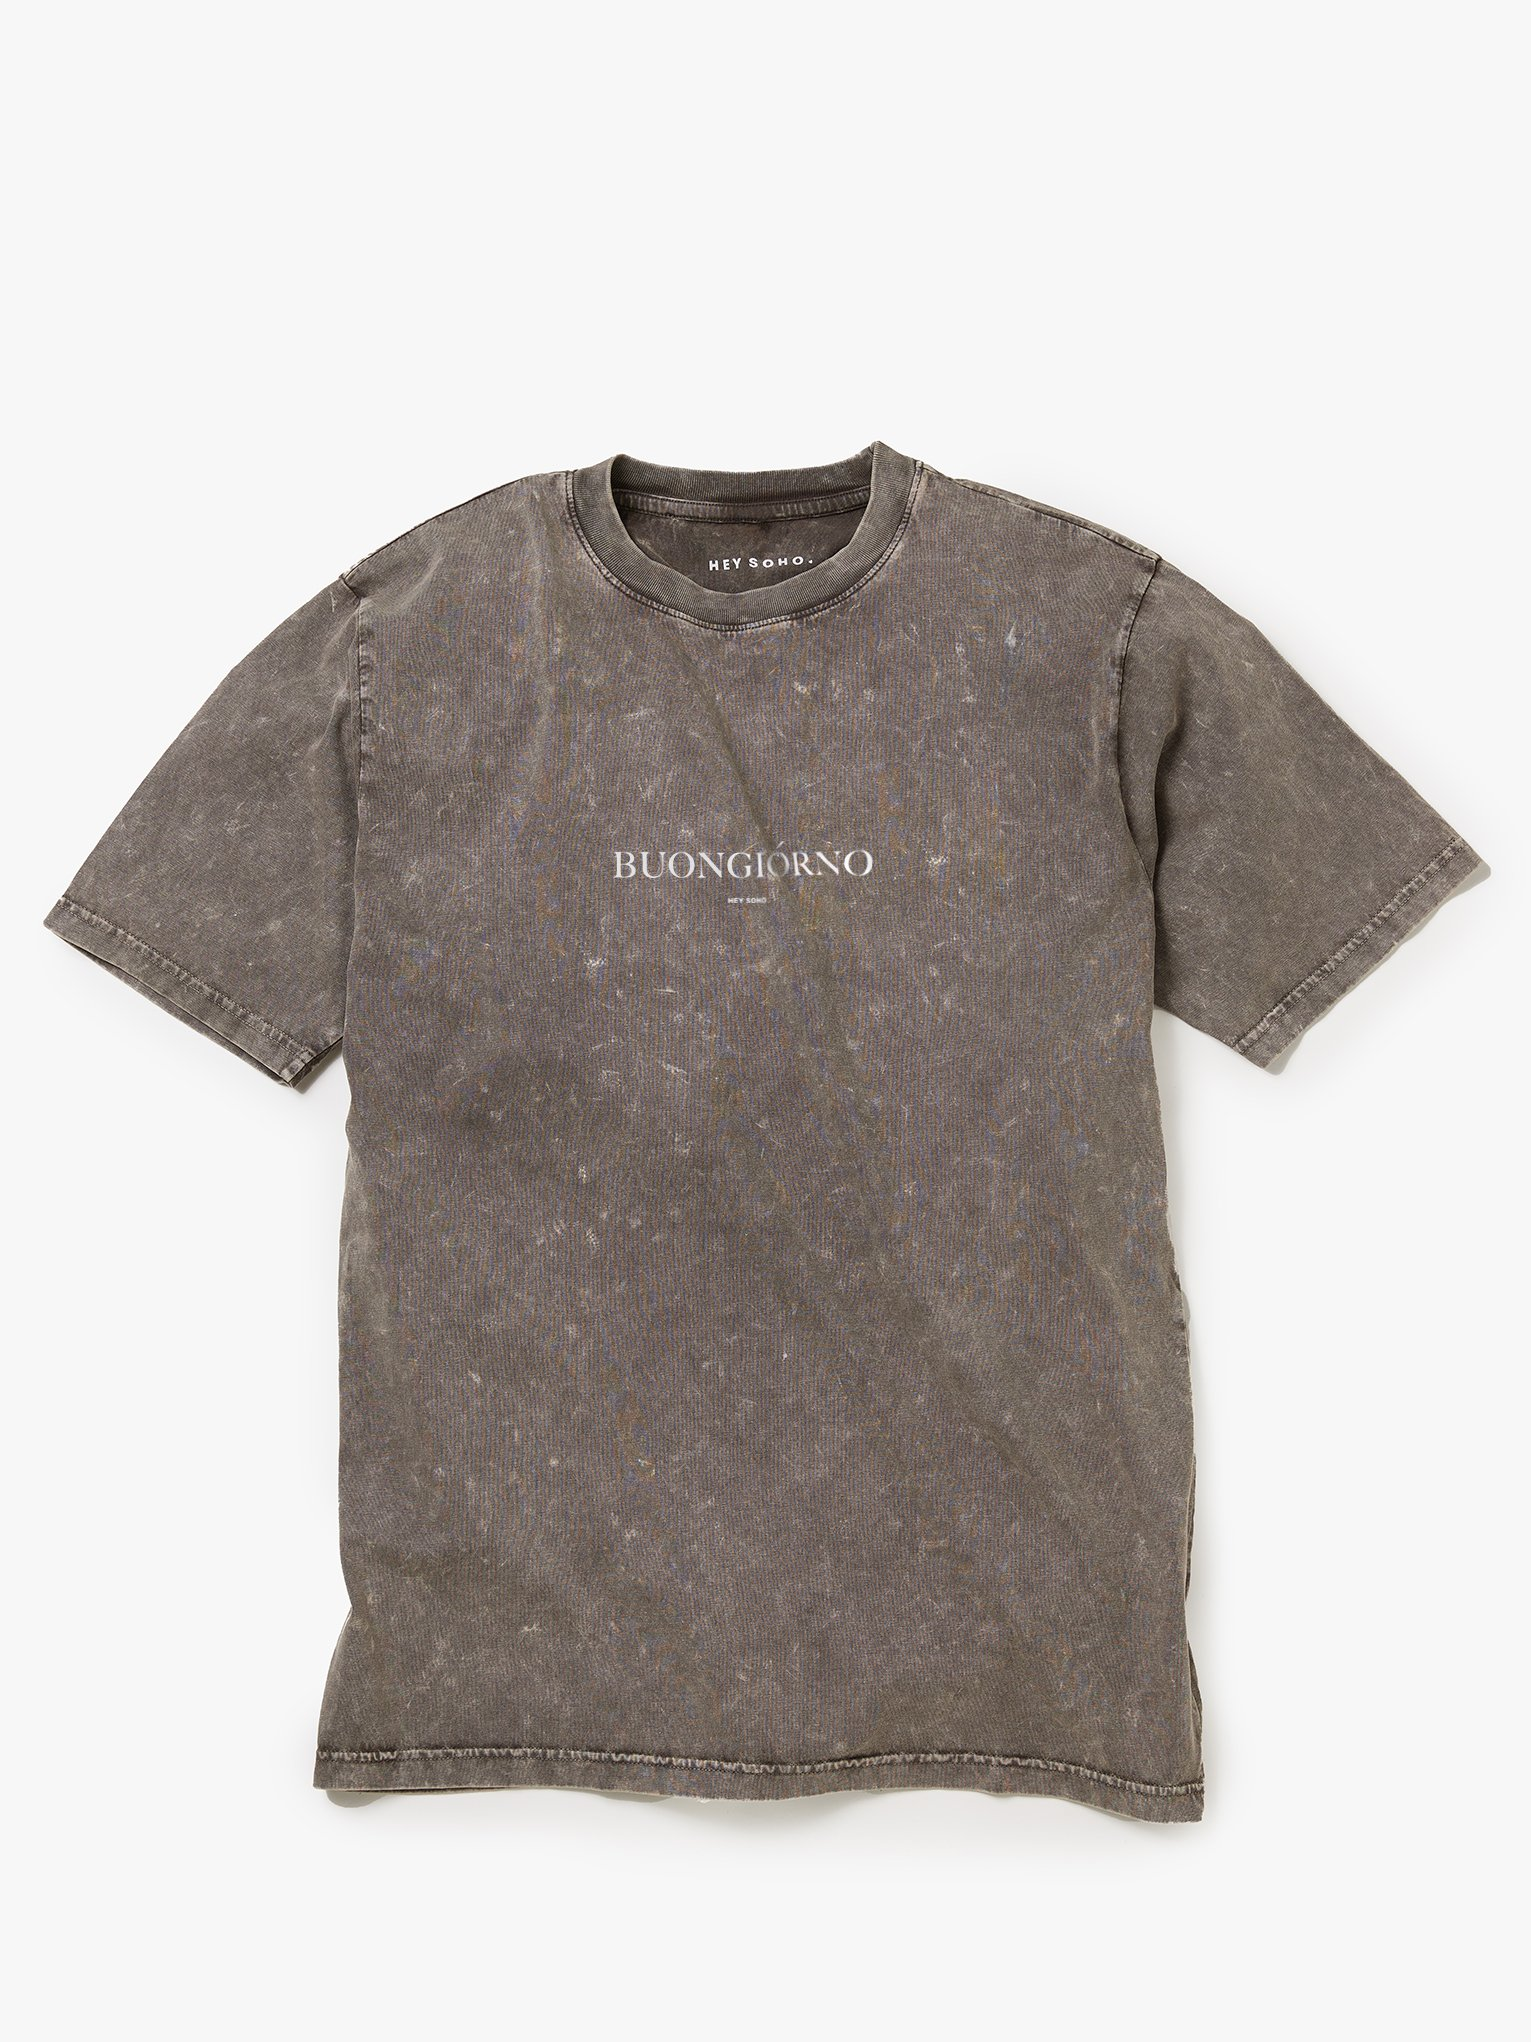 T-Shirt, Hey Soho, Buongiorno